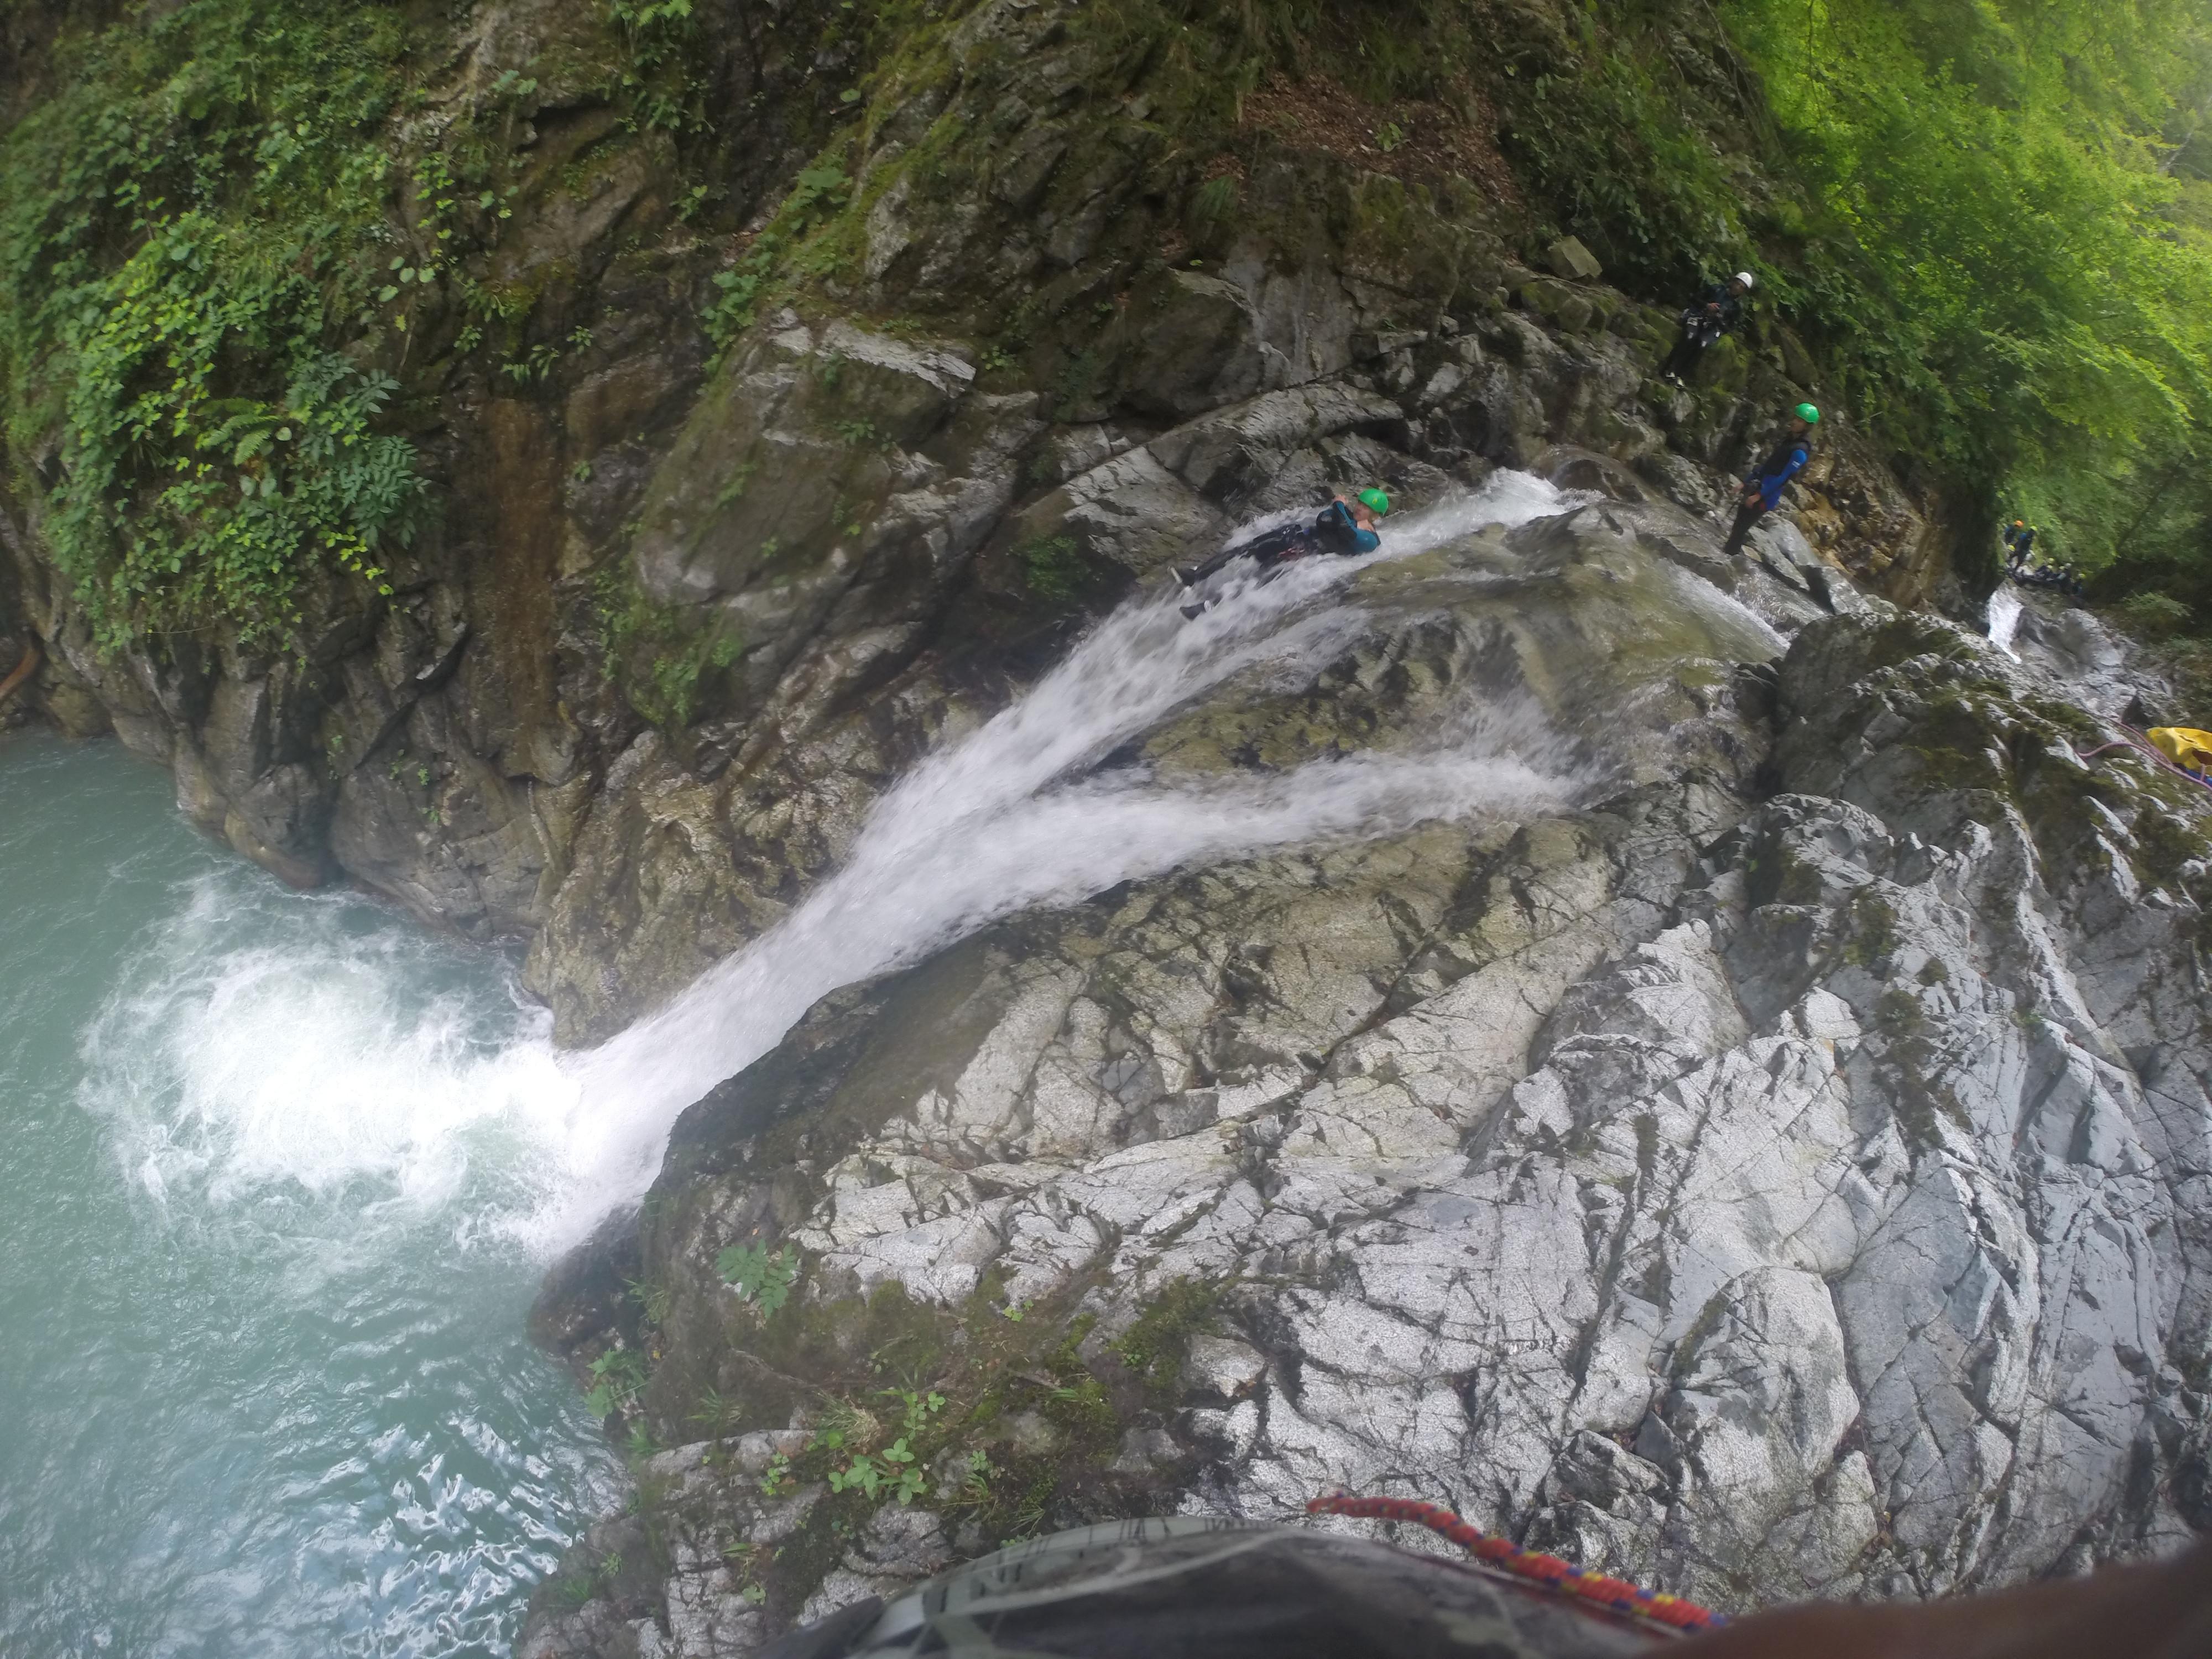 Canyon Fun de Bious